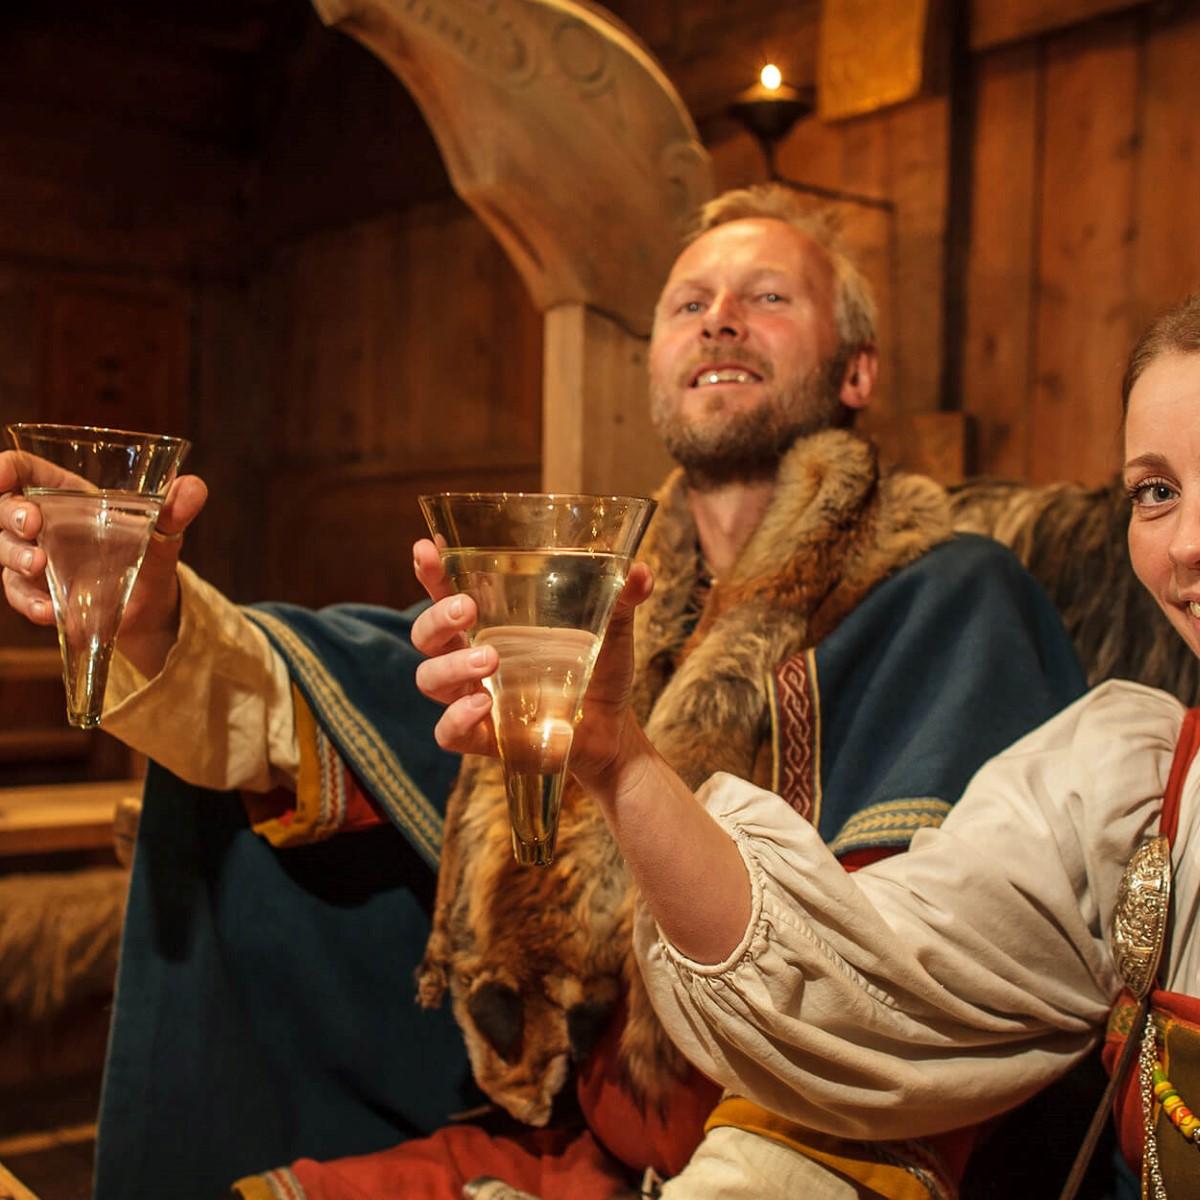 Udflugt: Mød Vikingerne - Sommer   Hurtigruten DK